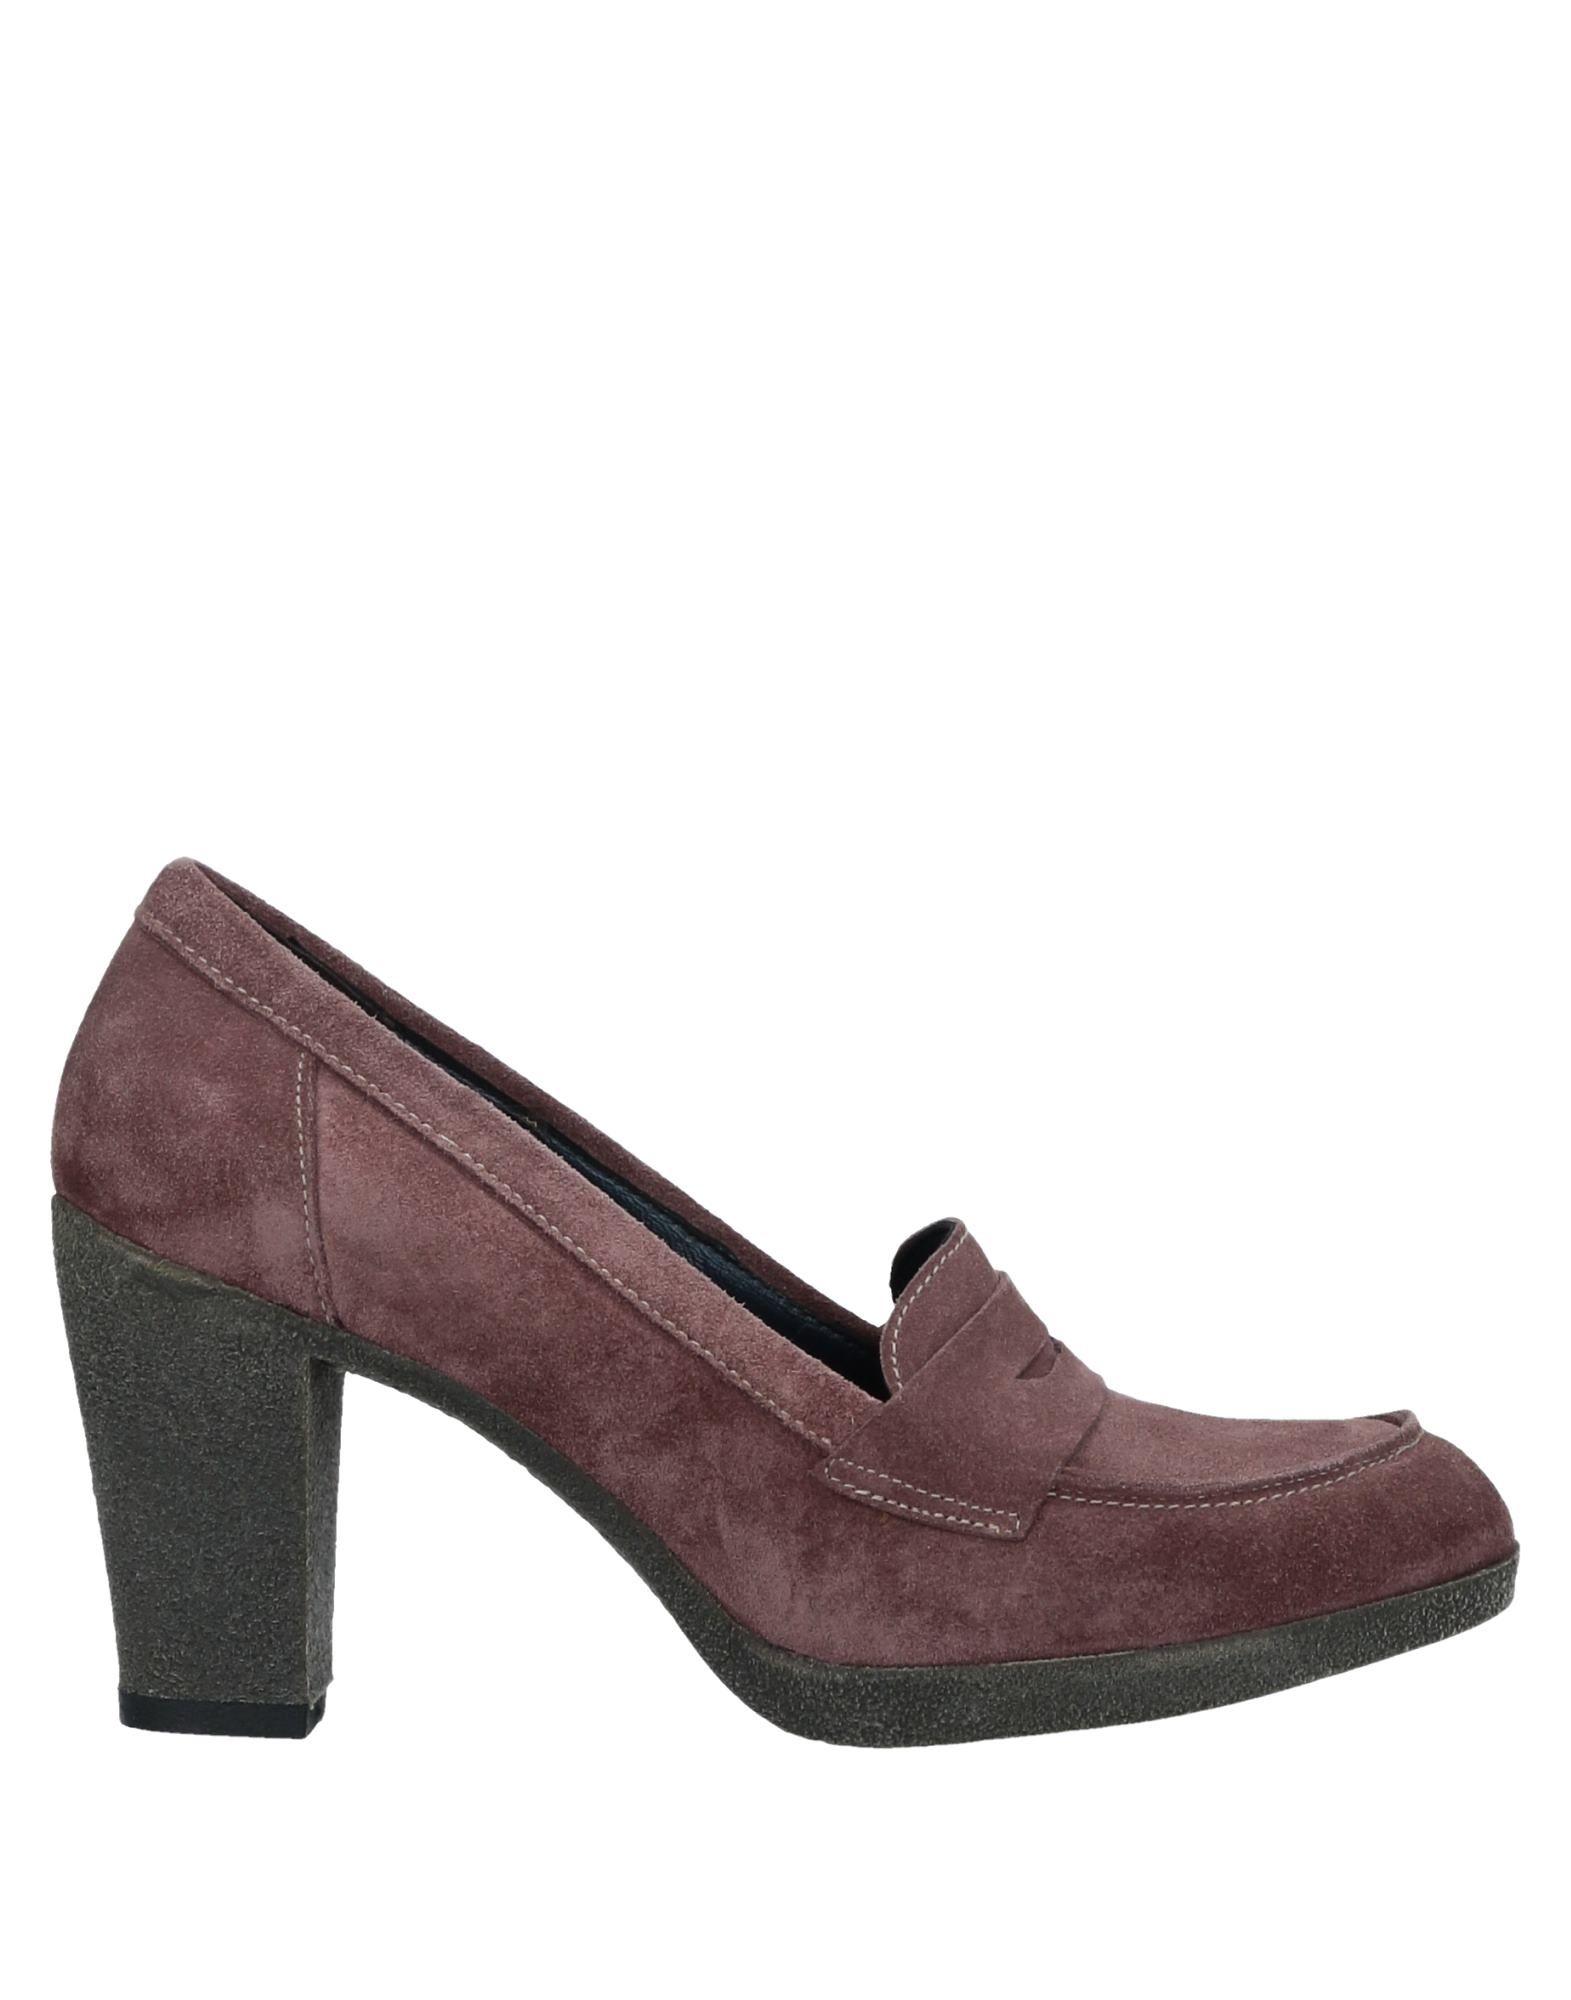 Le Ble Mokassins Damen  11522949DF Gute Qualität beliebte Schuhe